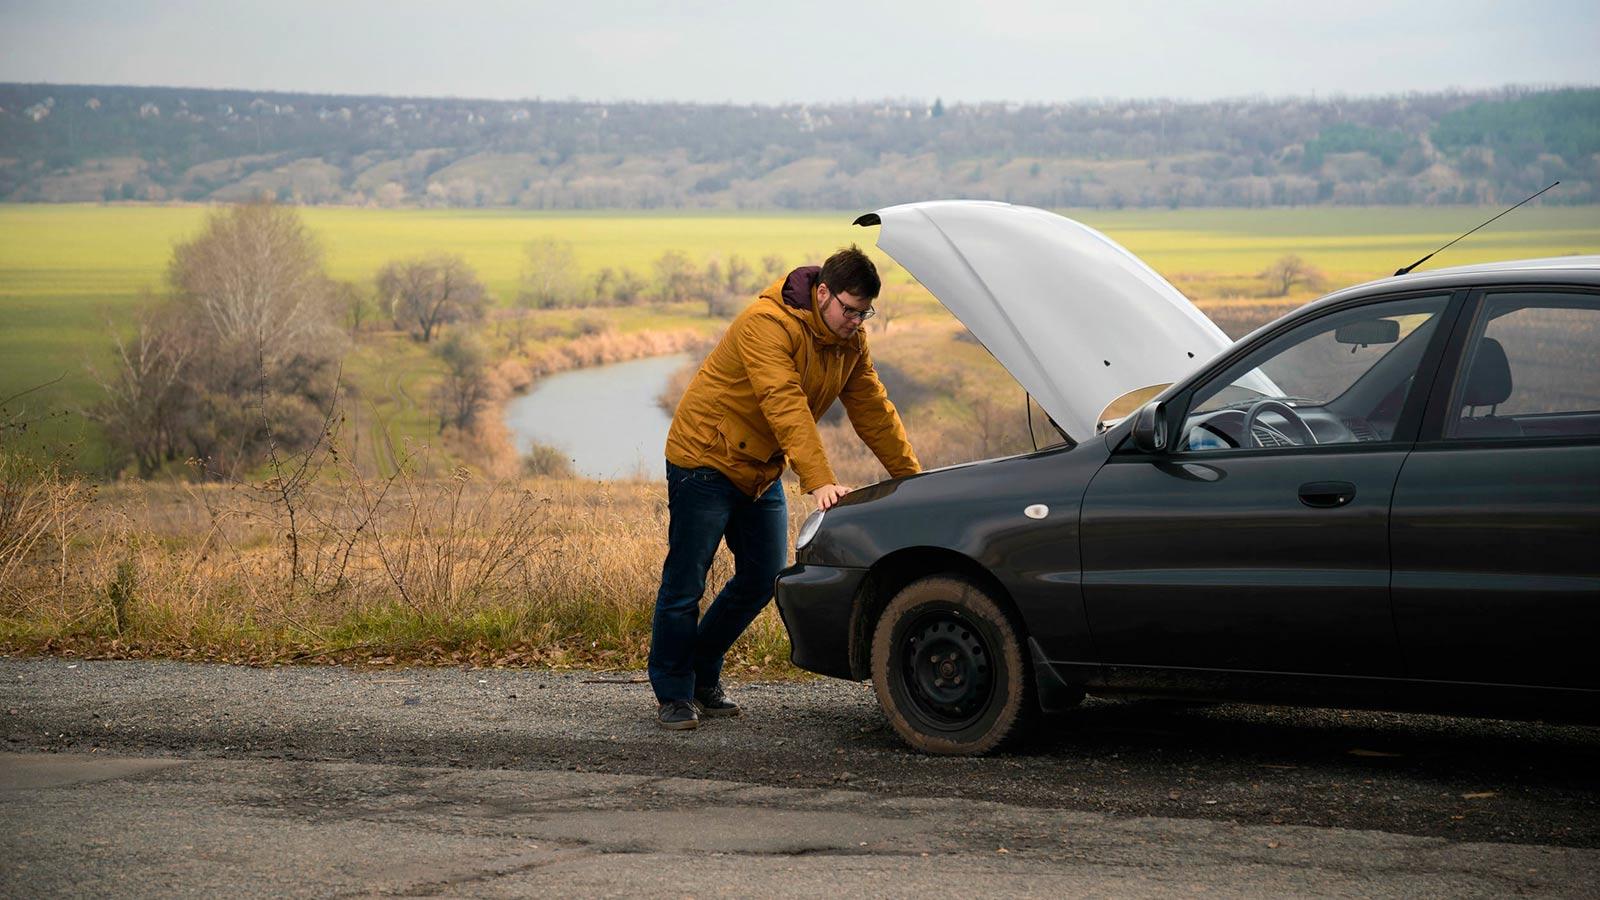 Техническое обслуживание автомобилей или их ремонт